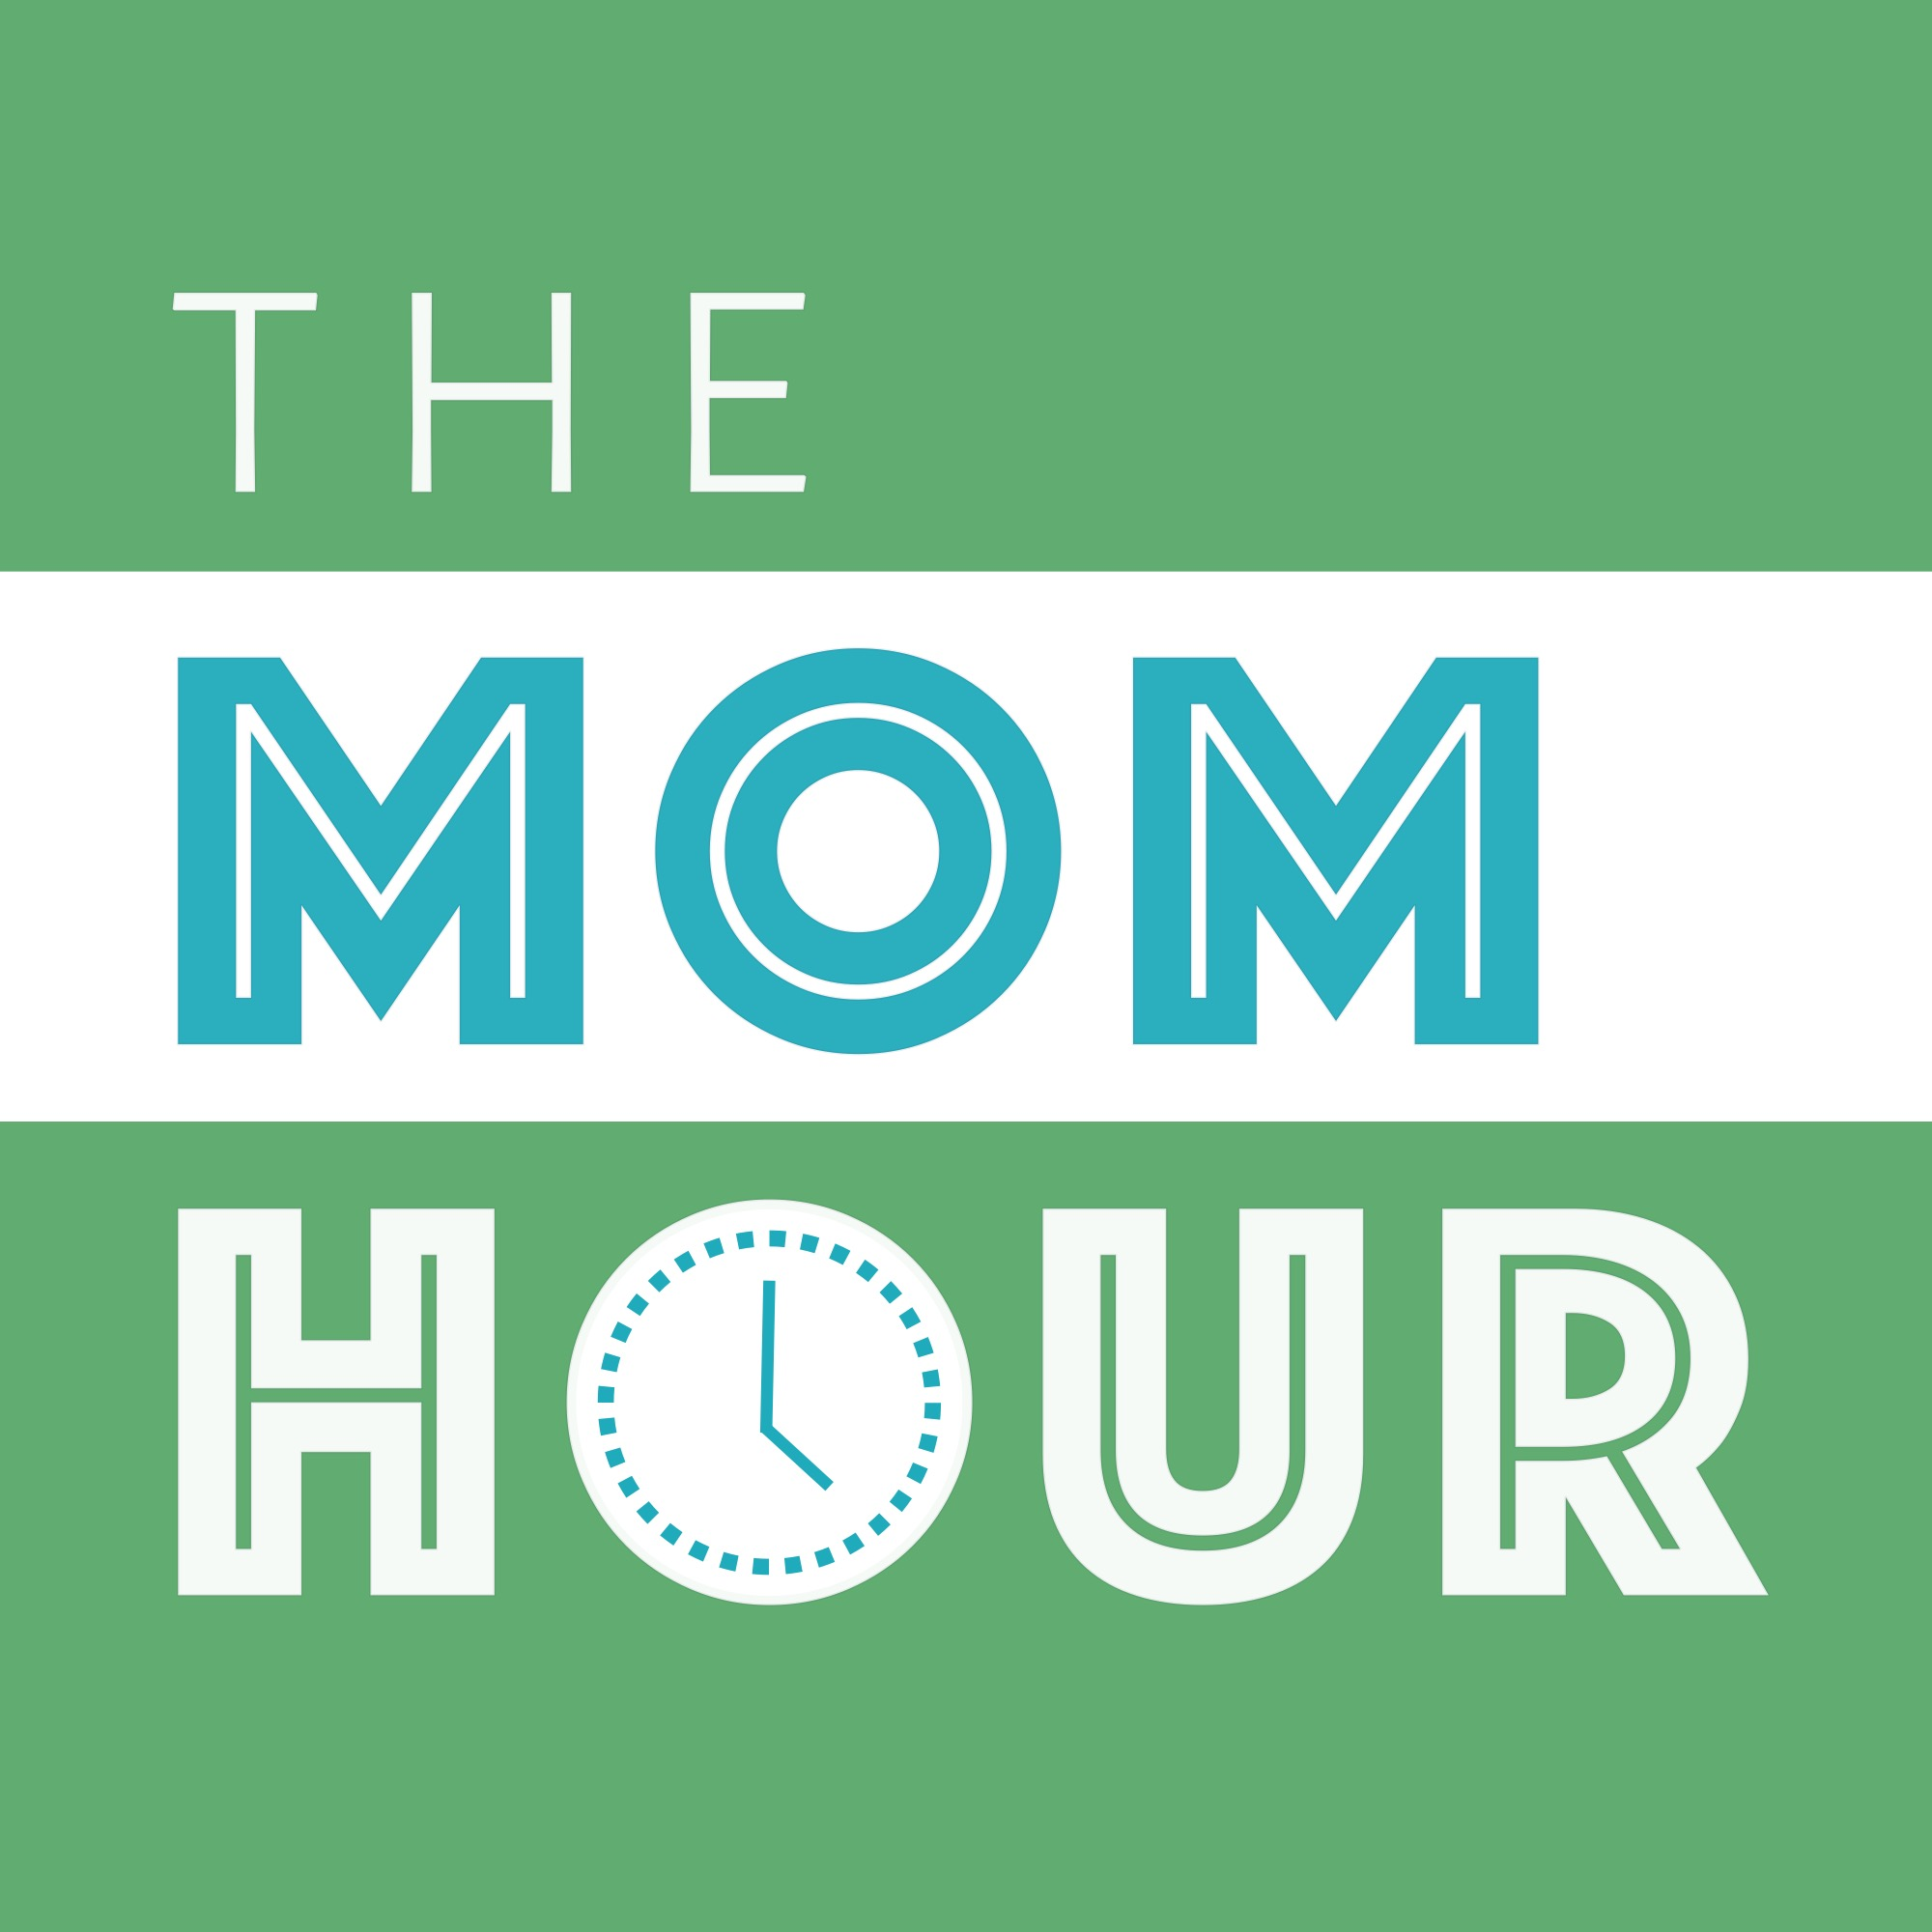 The Mom Hour